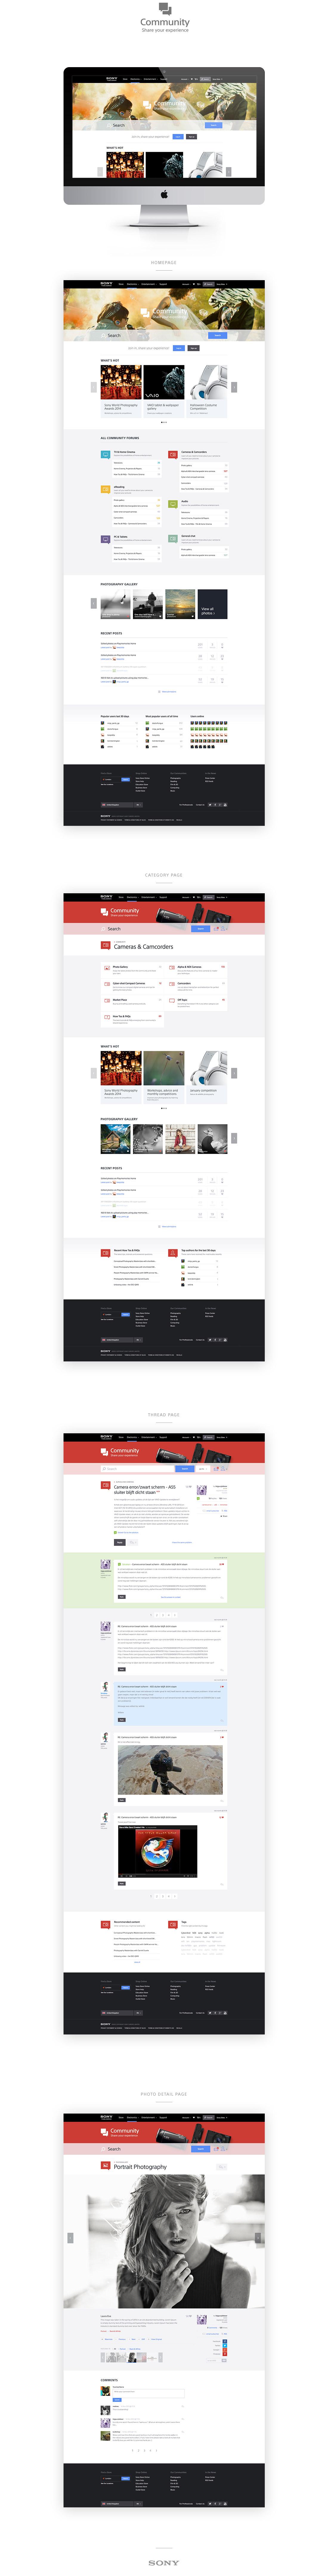 sony_community_presentation